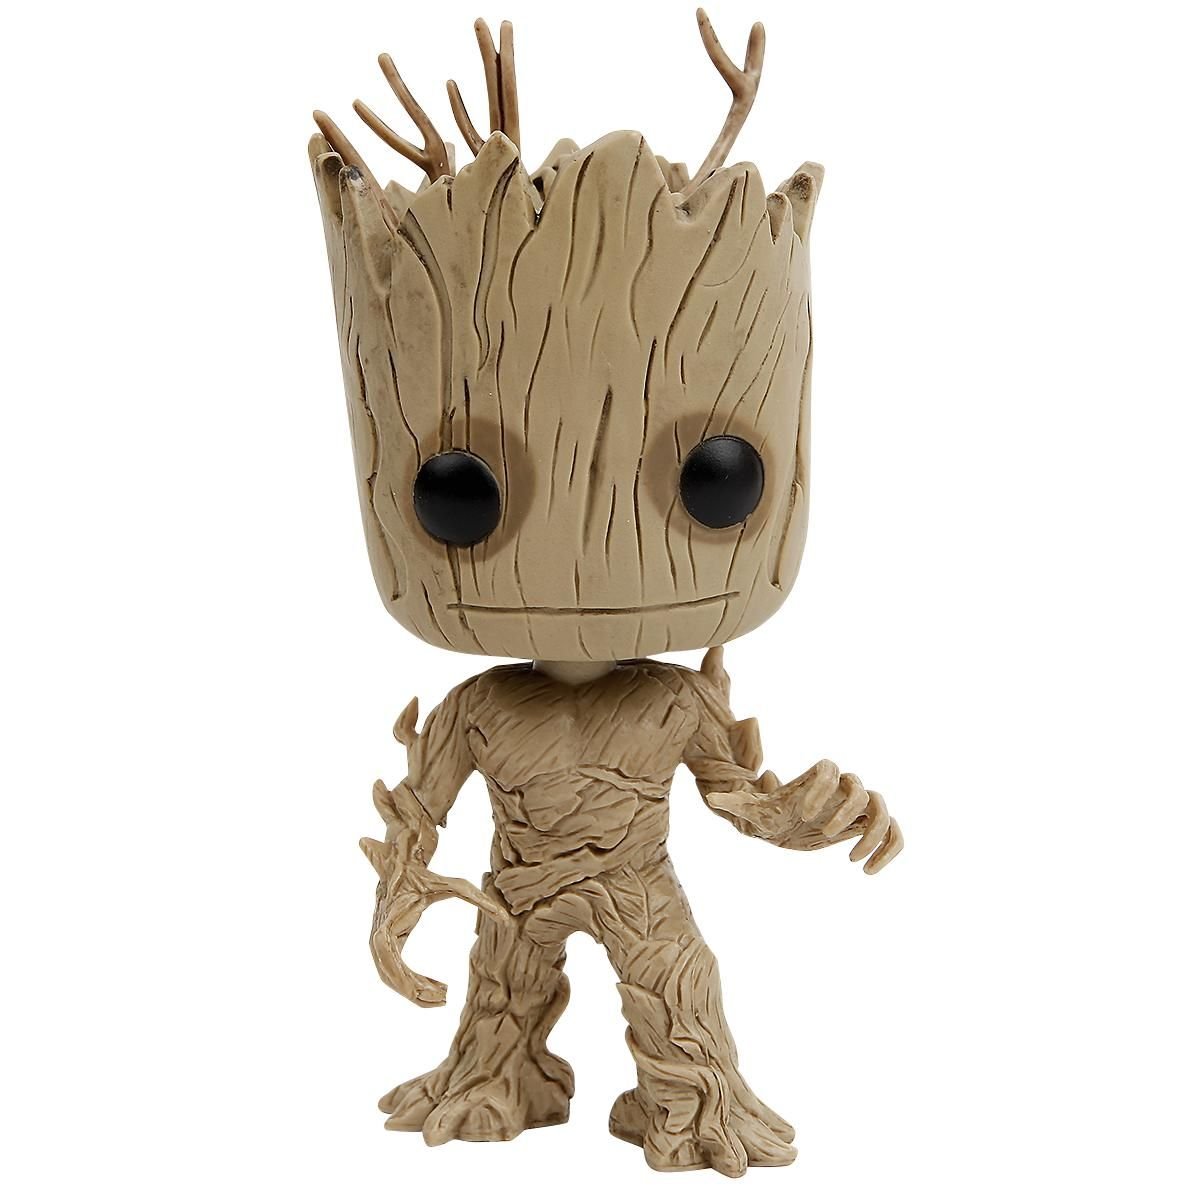 Statuetta decorativa Groot di Guardians Of The Galaxy del brand #Funko collezione Pop!. Altezza: 10 cm circa.